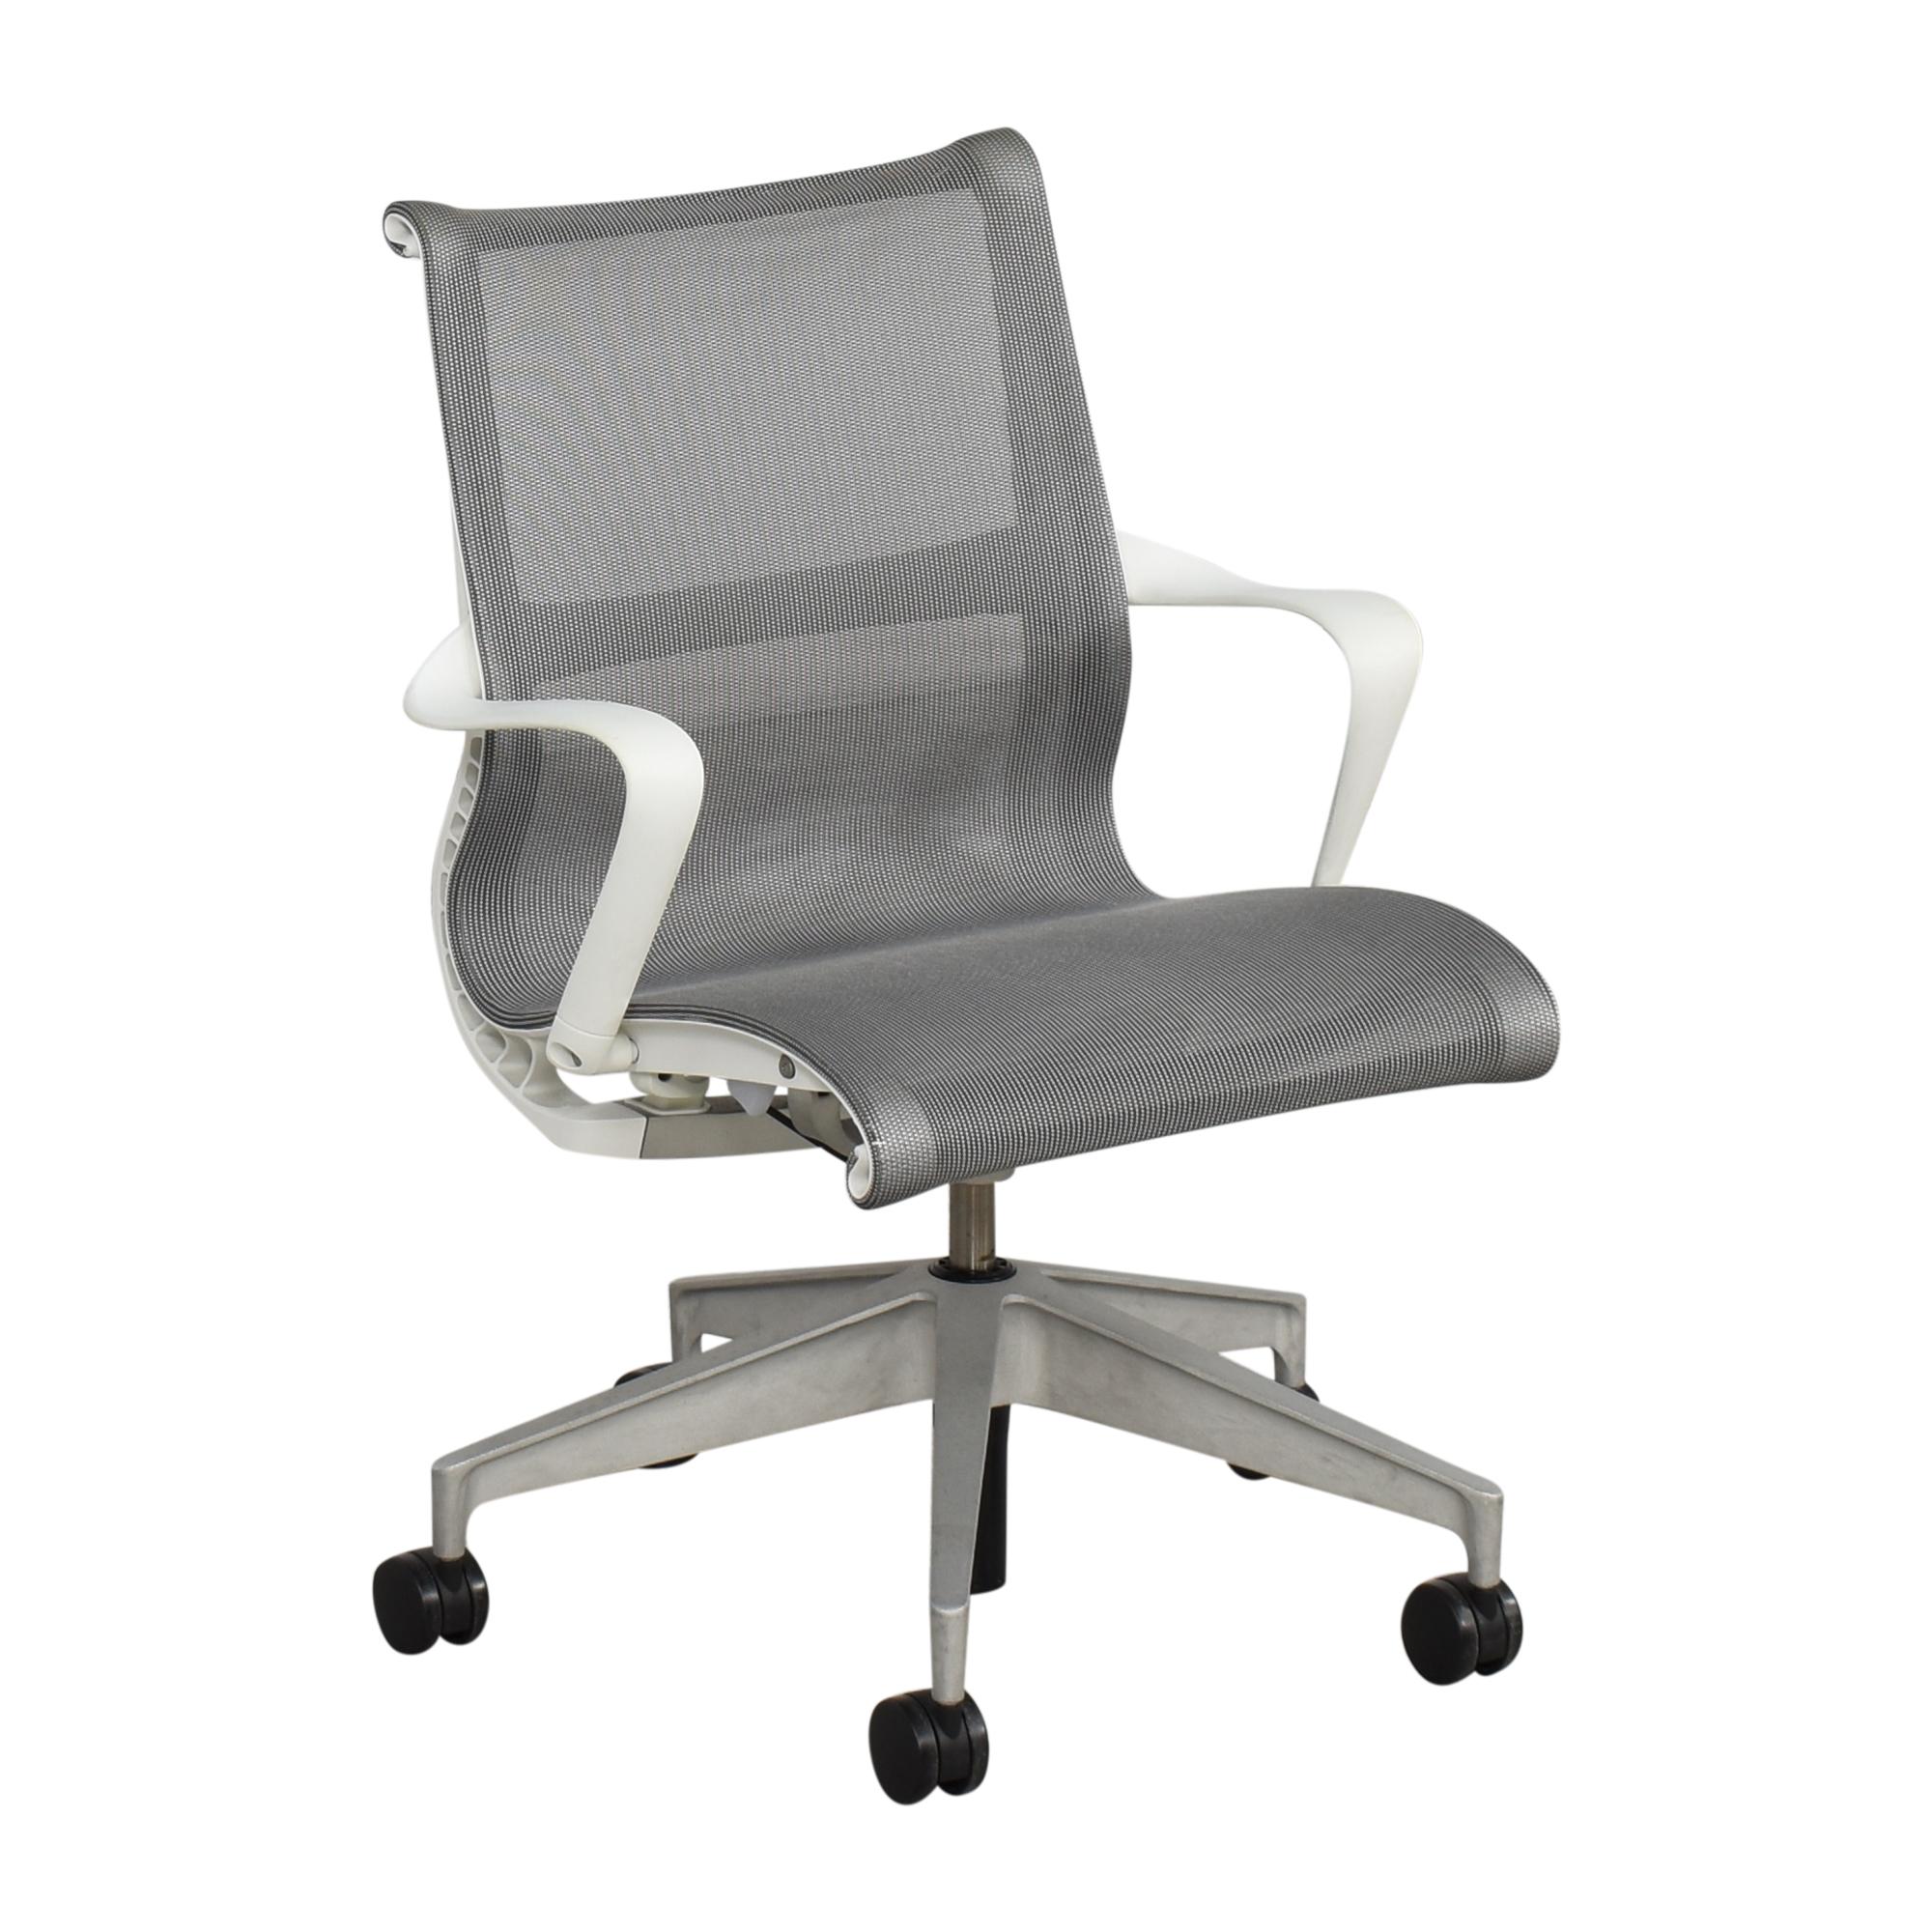 Herman Miller Herman Miller Setu Chair Chairs